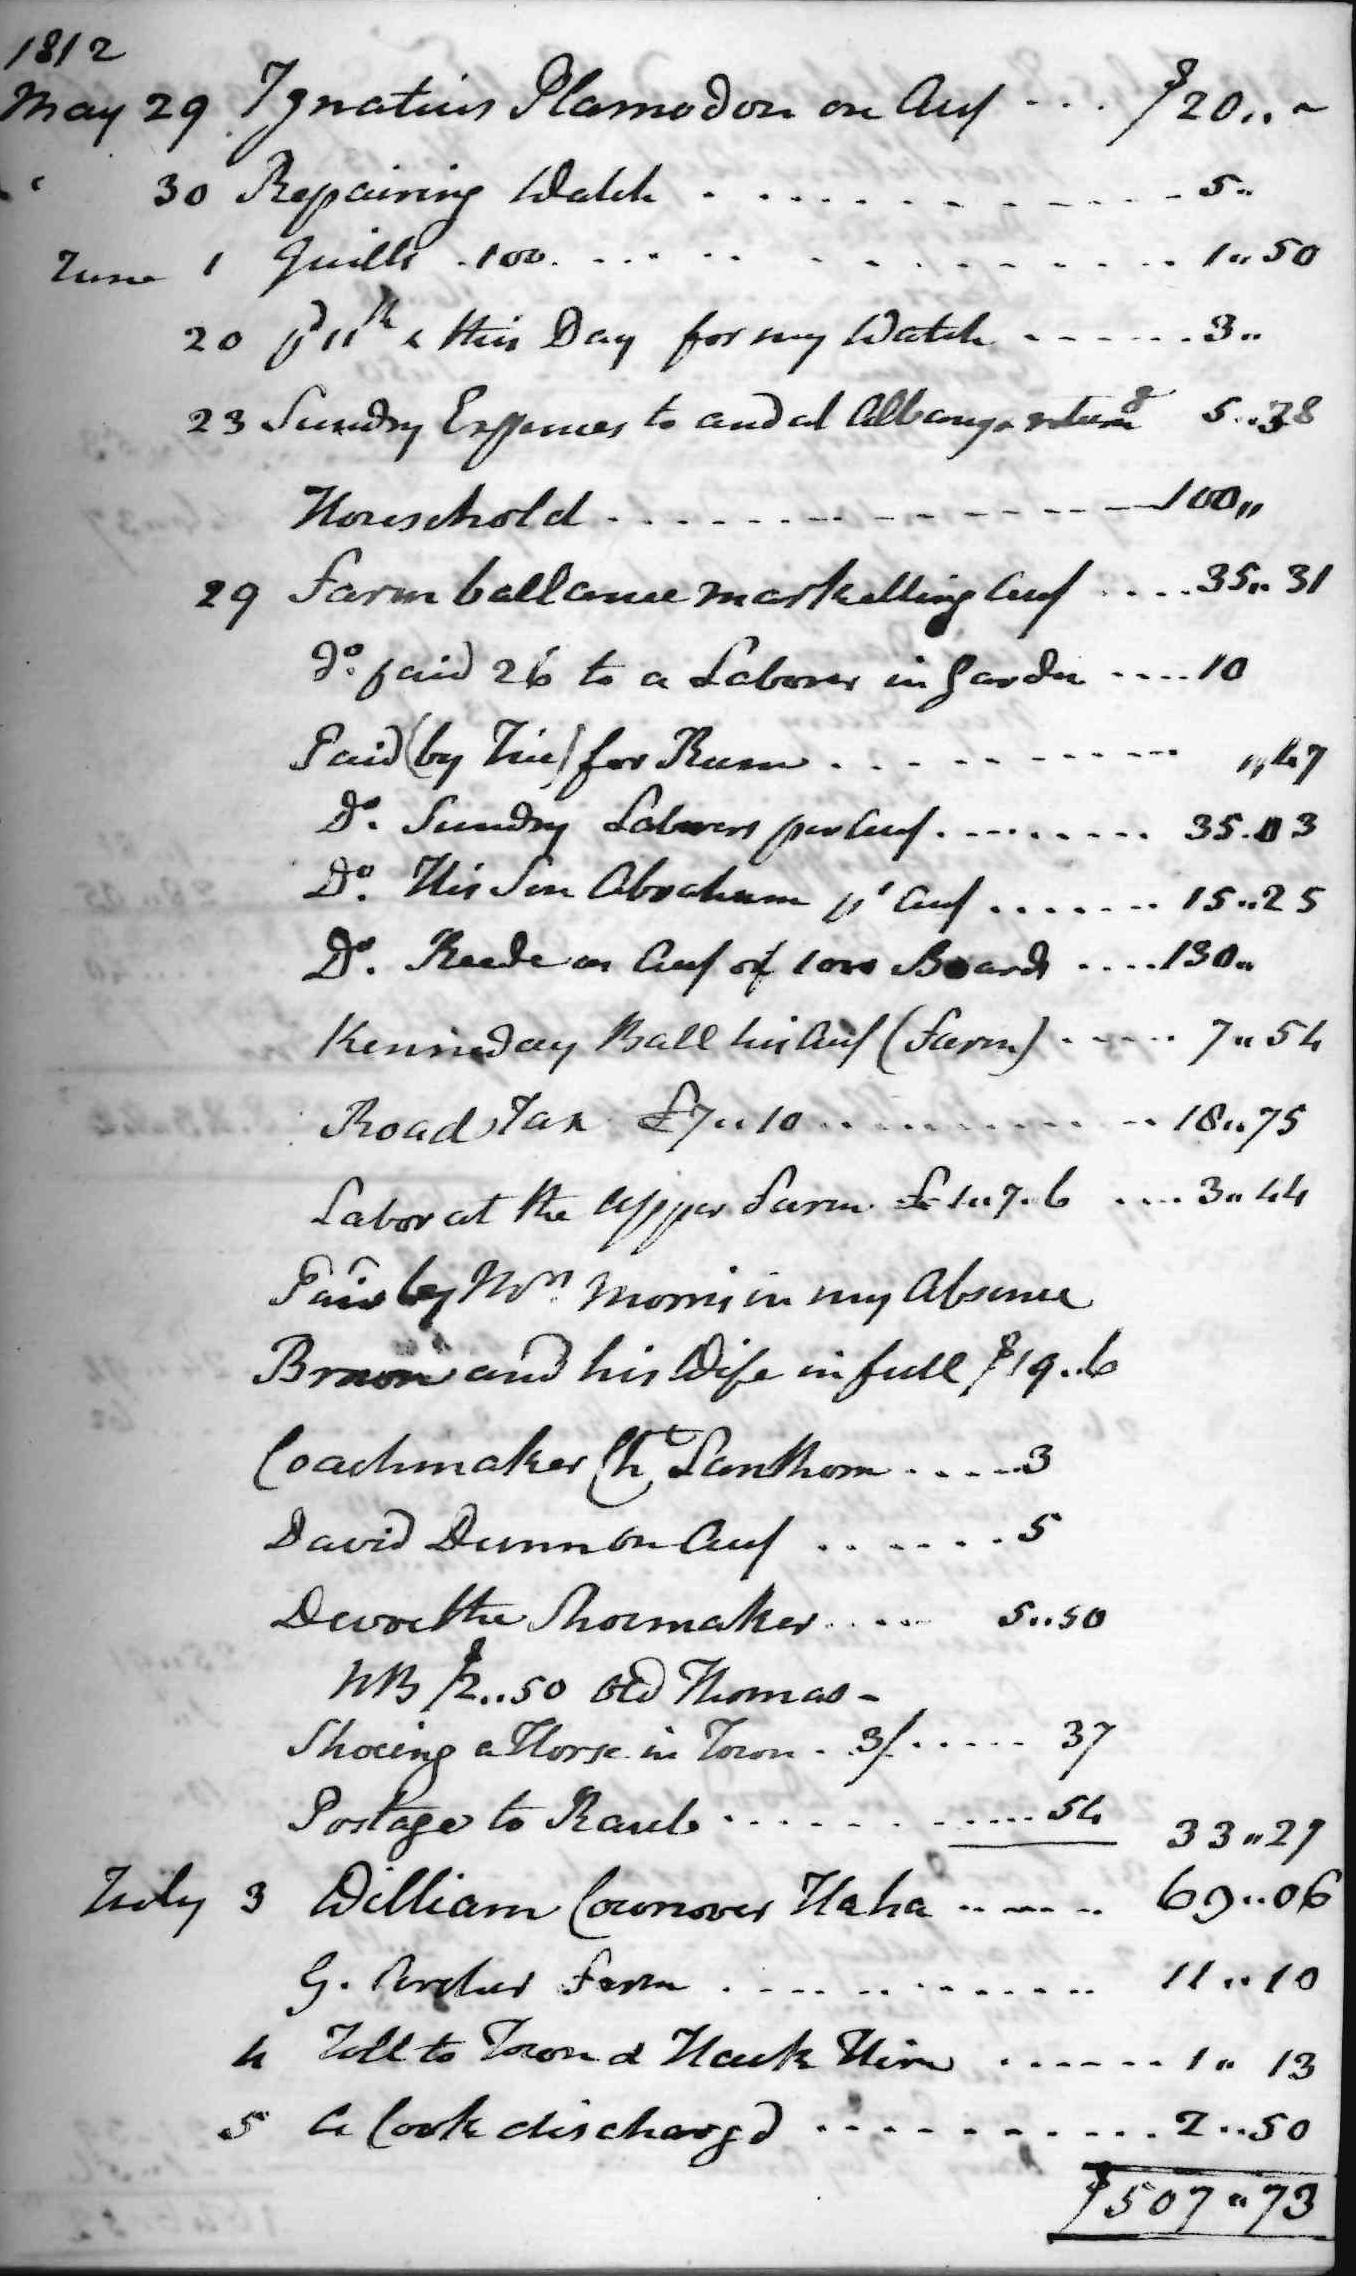 Gouverneur Morris Cash Book, folio 8, right side